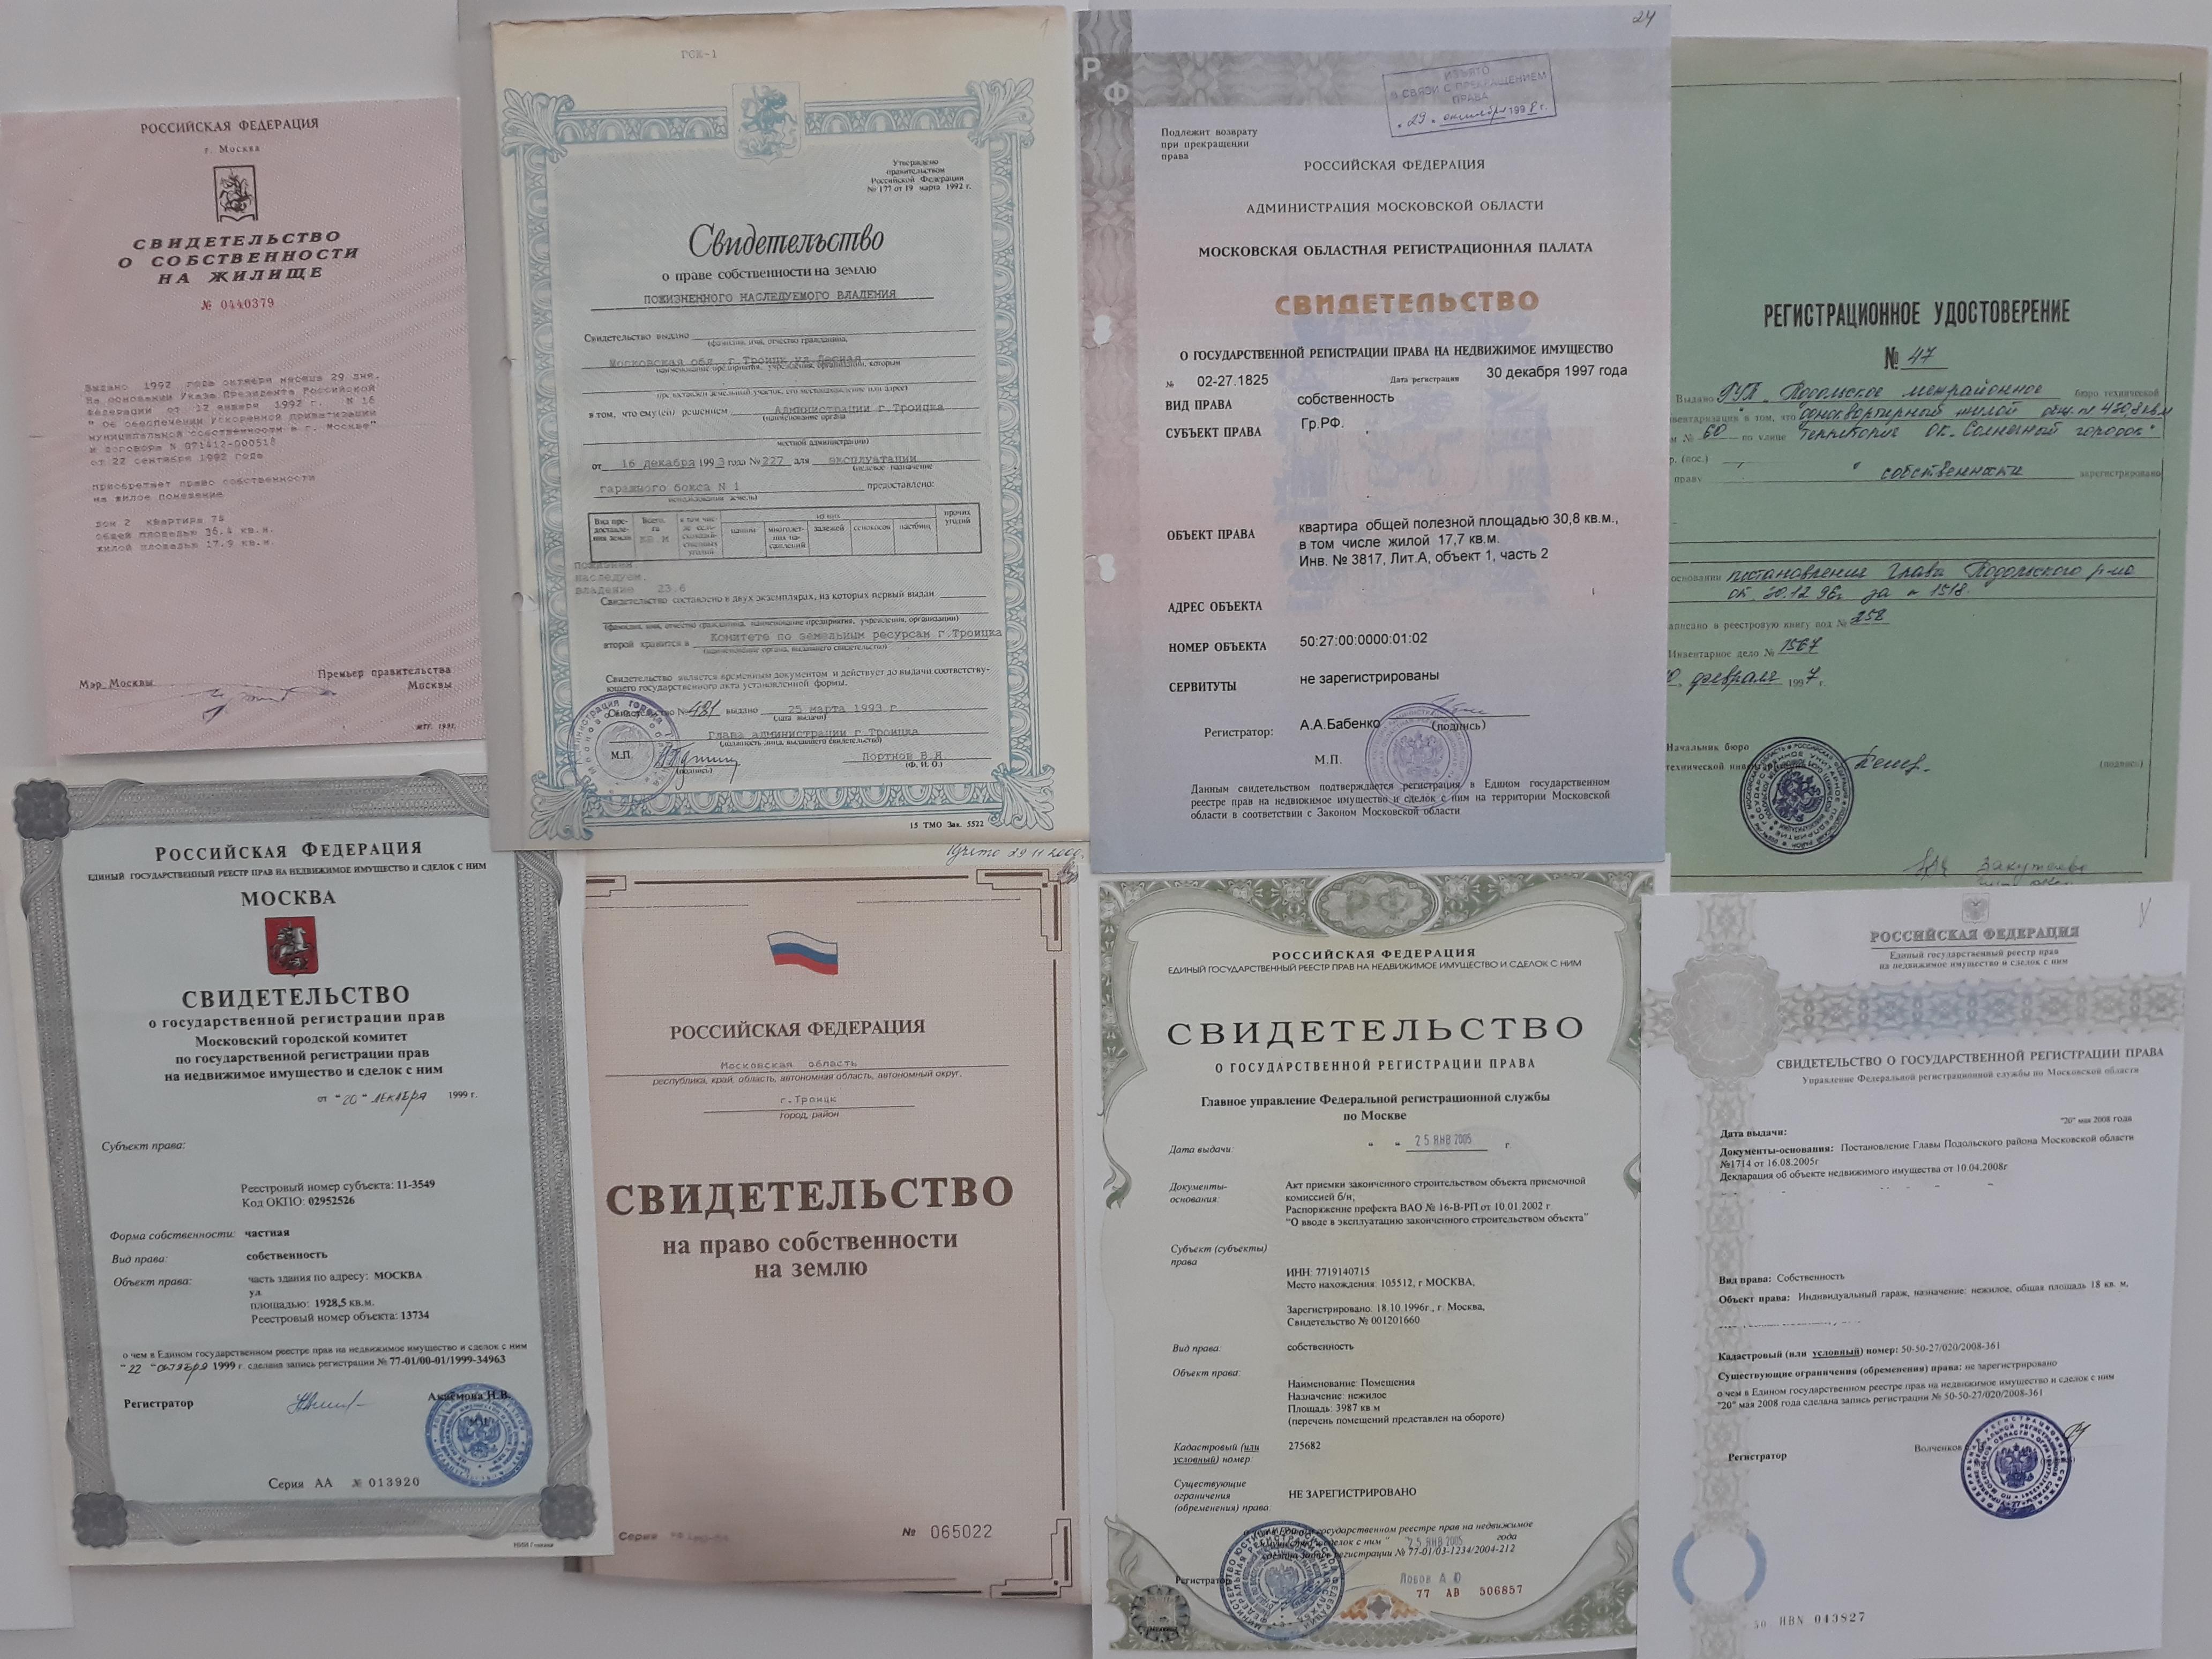 Гос.регистрация права собственности на недвижимое имущество